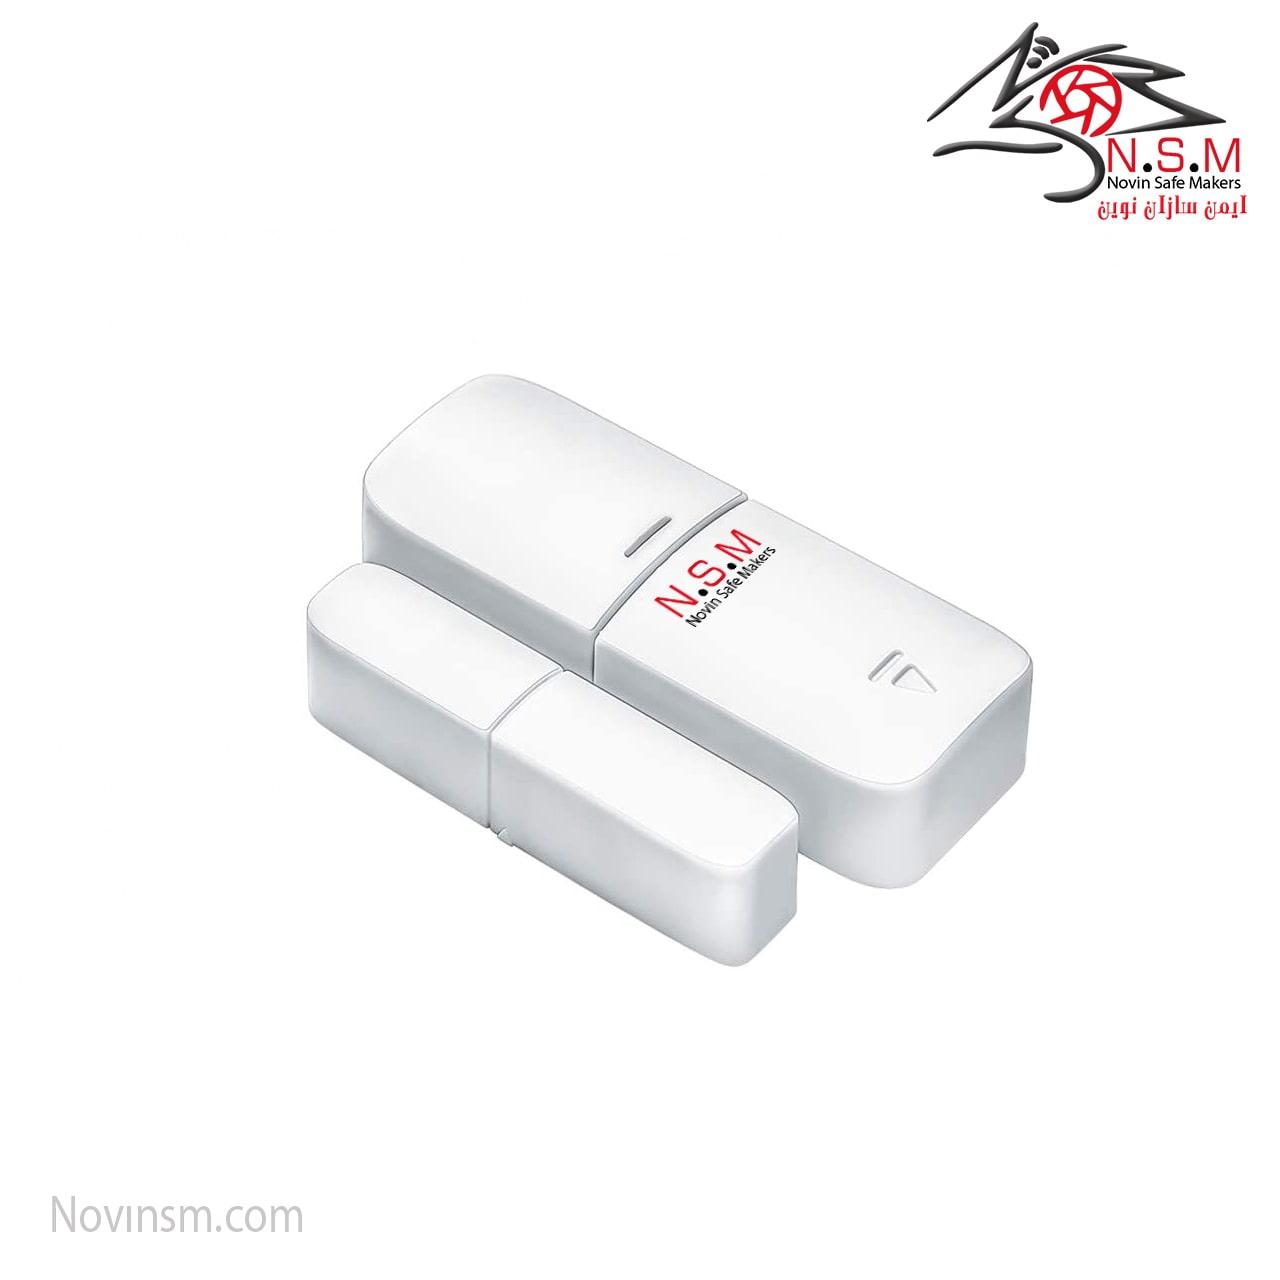 مگنت دزدگیر هوشمند | مگنت بی سیم NSM مدل TUYA | مگنت بی سیم فرکانس 433 مگاهرتز